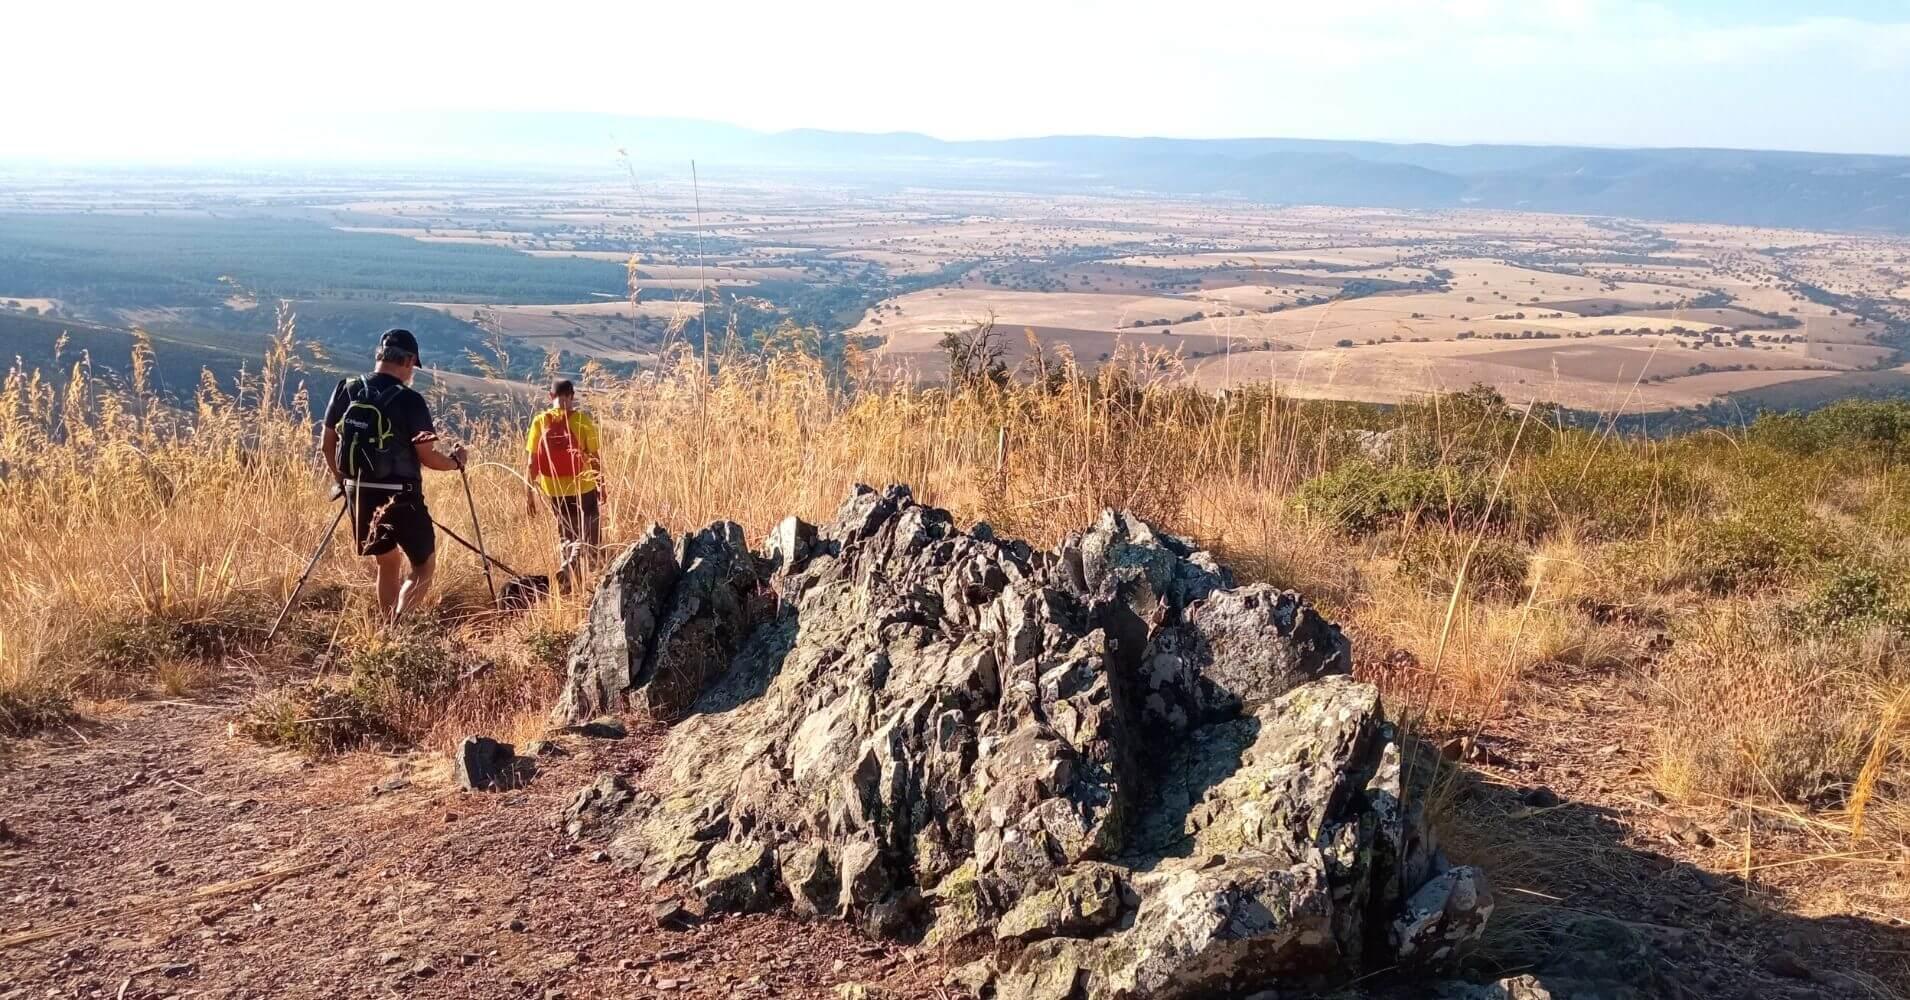 Llegando al Mirador del Parque Nacional de Cabañeros. San Pablo de los Montes. Toledo, Castilla la Mancha.